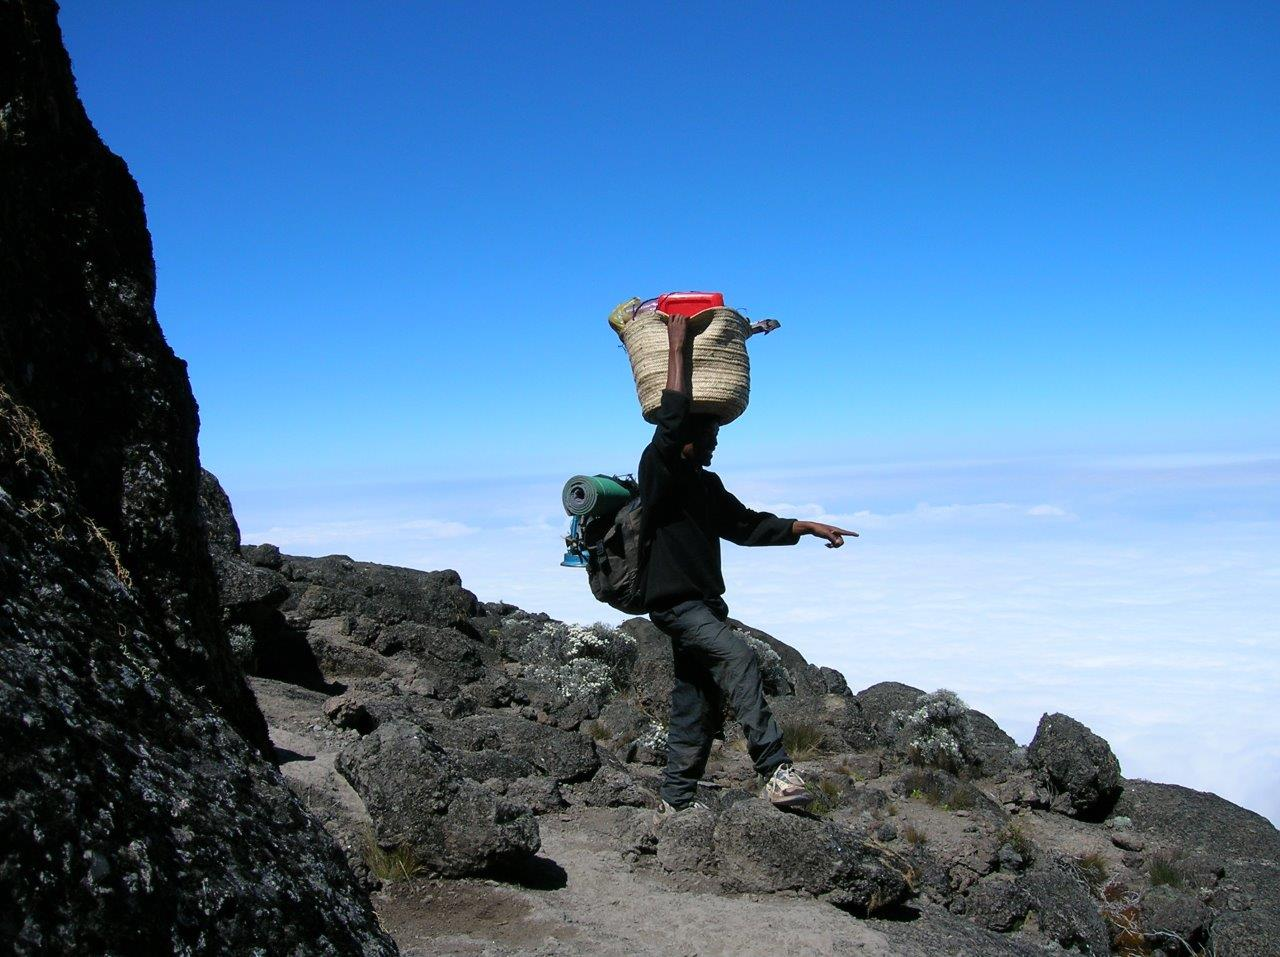 Kilimanjaro Porter with Bag on Head